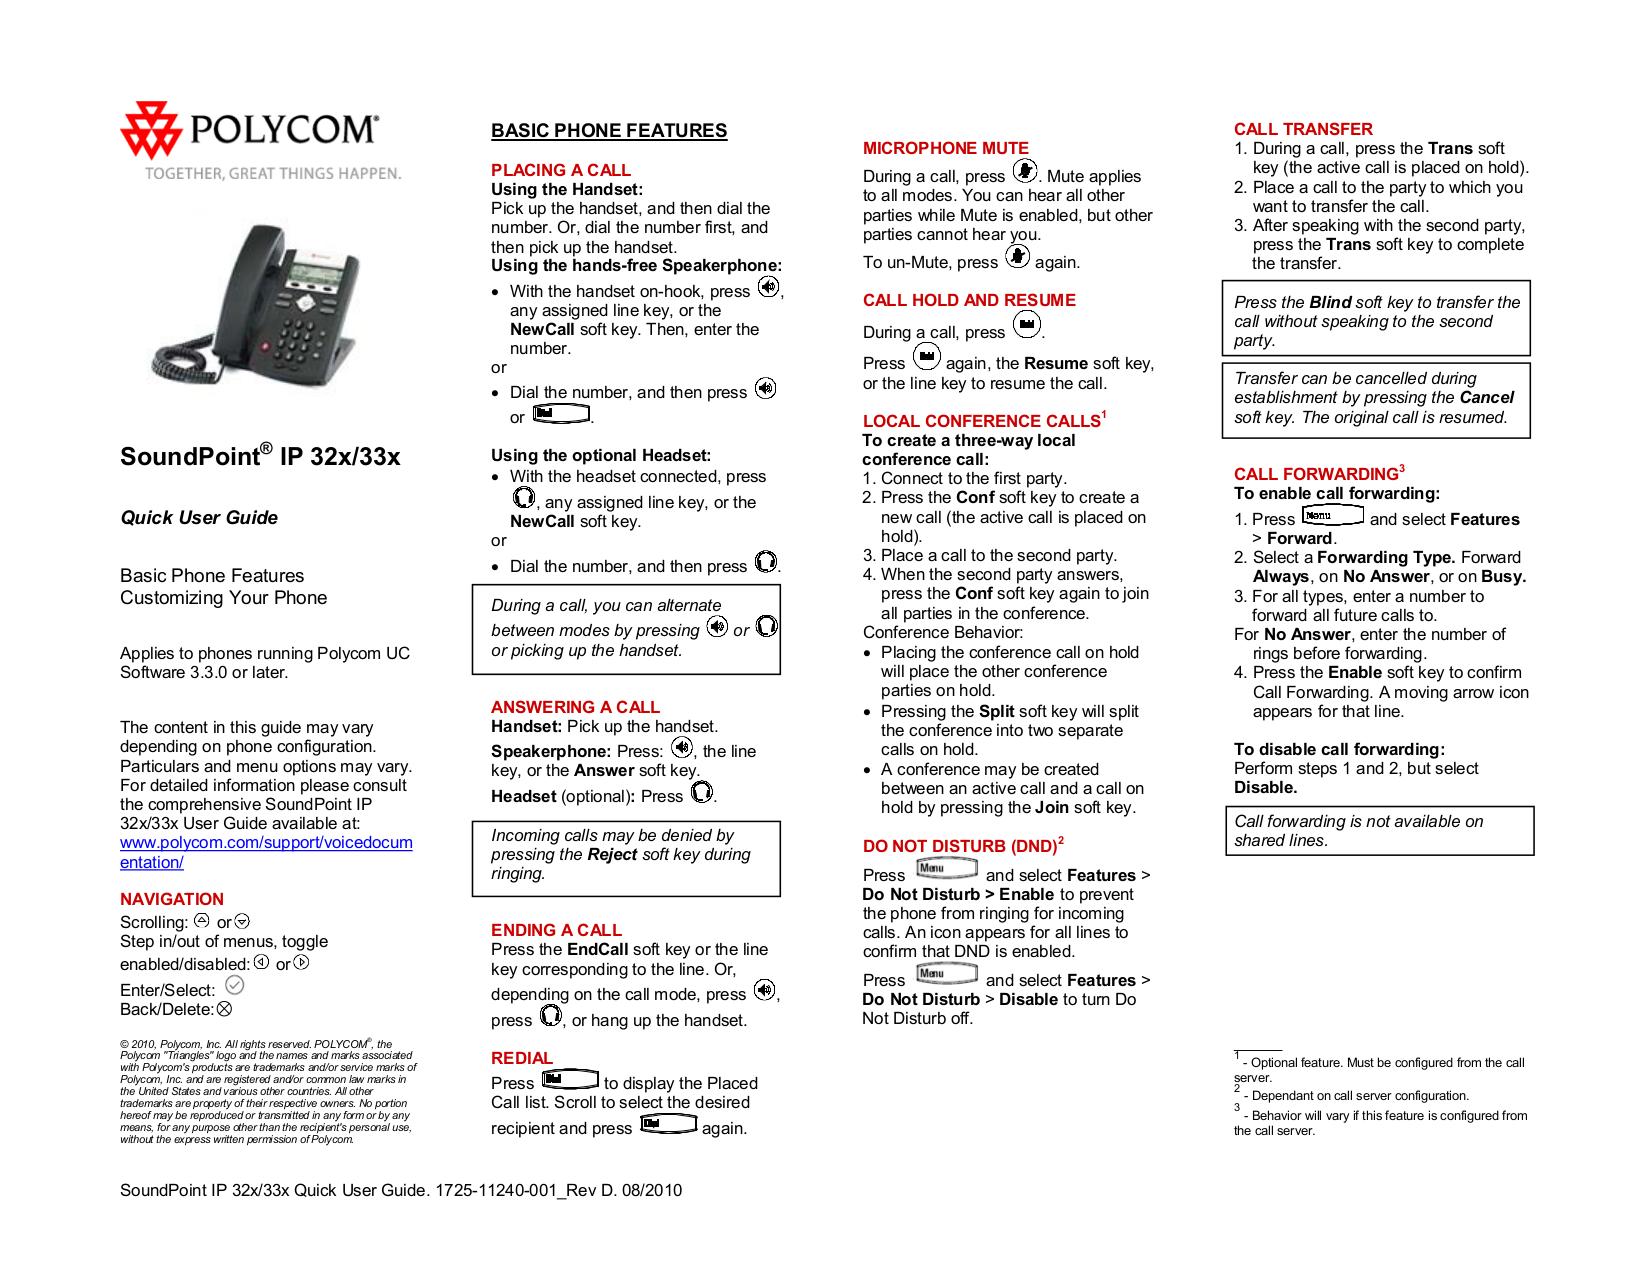 pdf manual for polycom telephone soundpoint ip 331 rh umlib com polycom ip 331 quick user guide Polycom ViewStation Manual